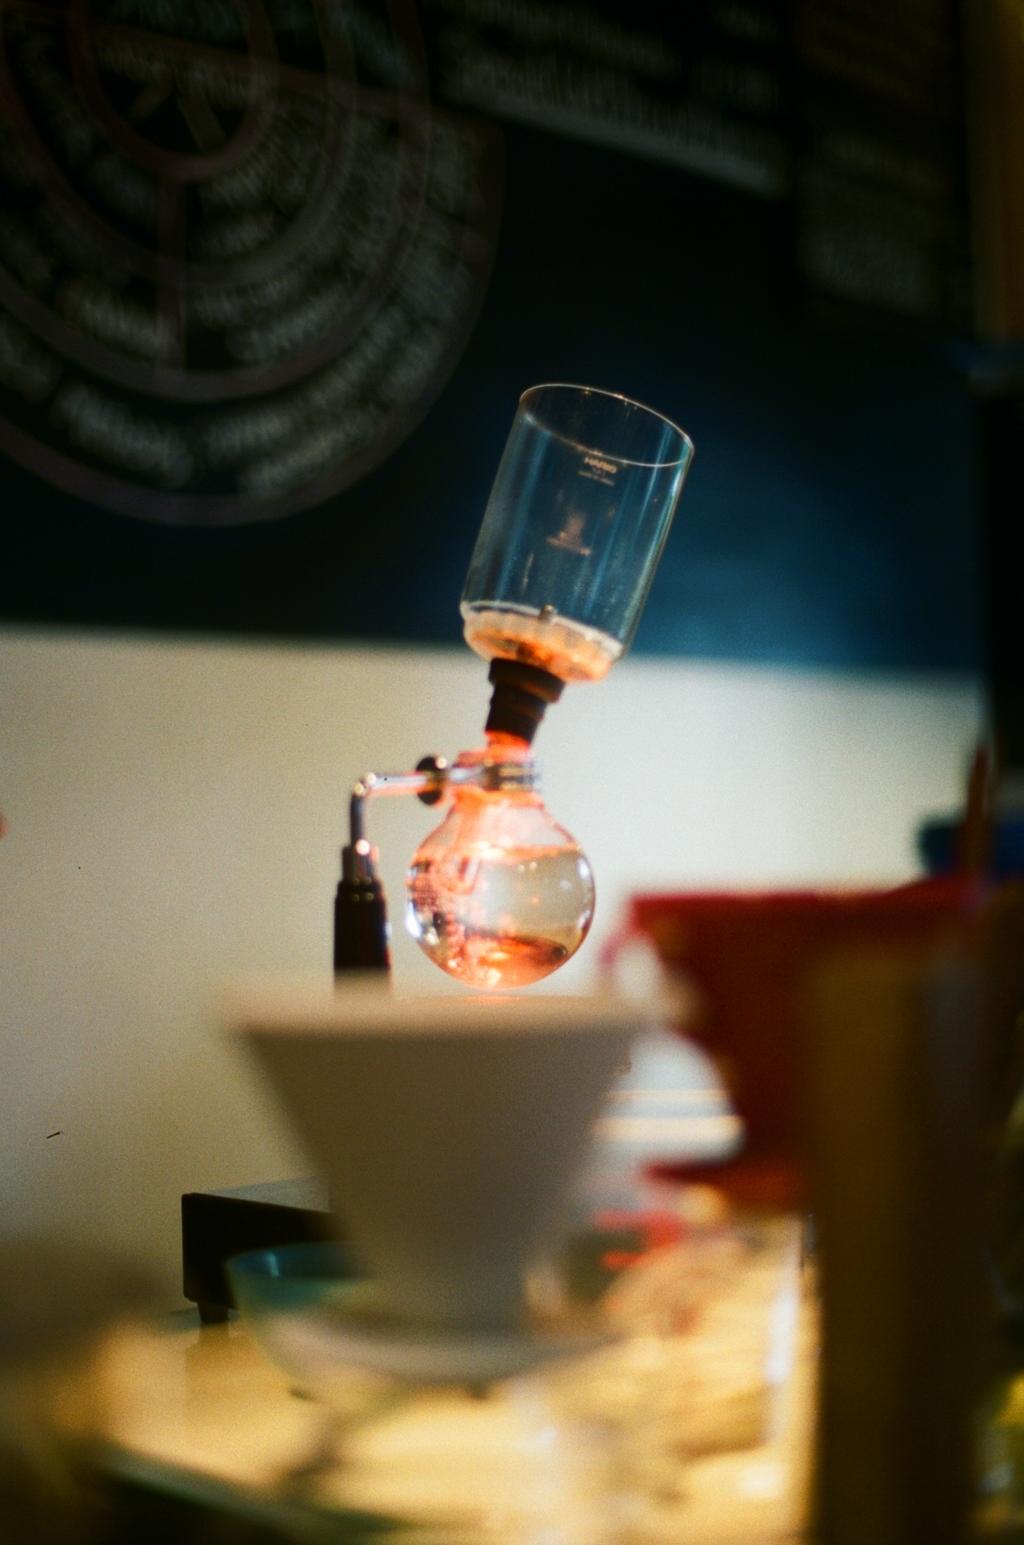 Seniman coffee. Ubud, Bali